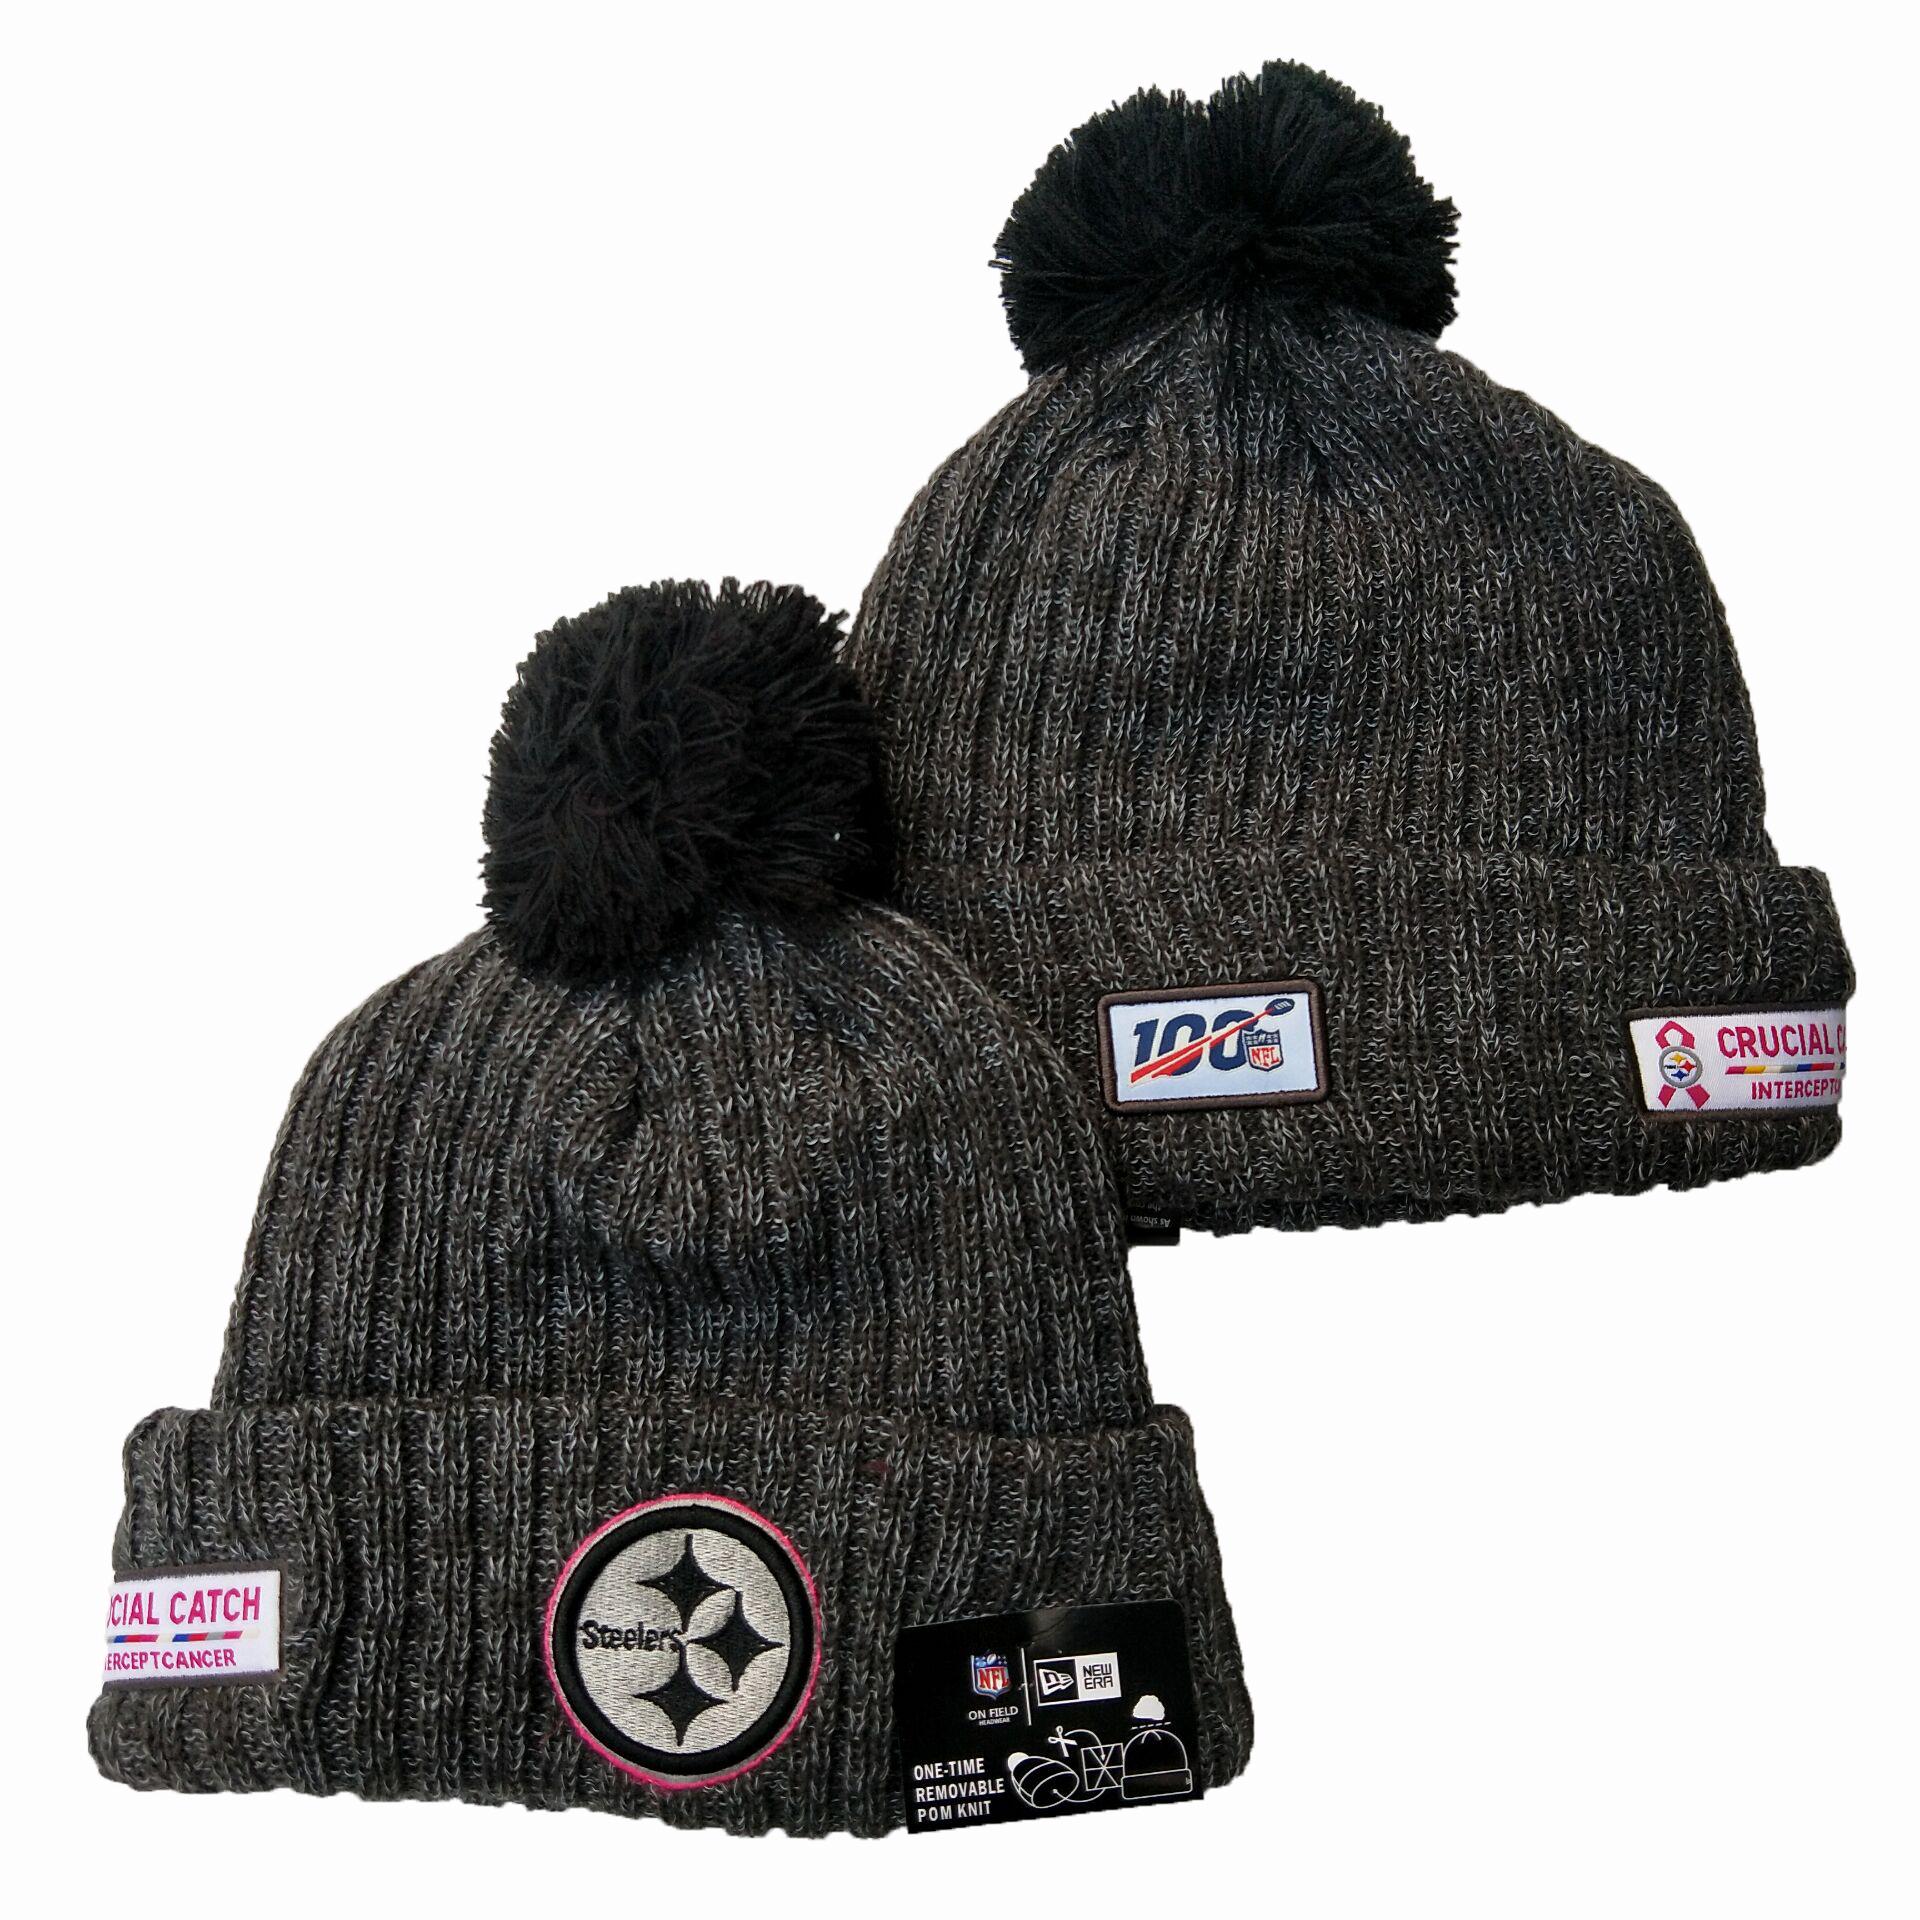 Steelers Team Logo Gray 100th Season Pom Knit Hat YD